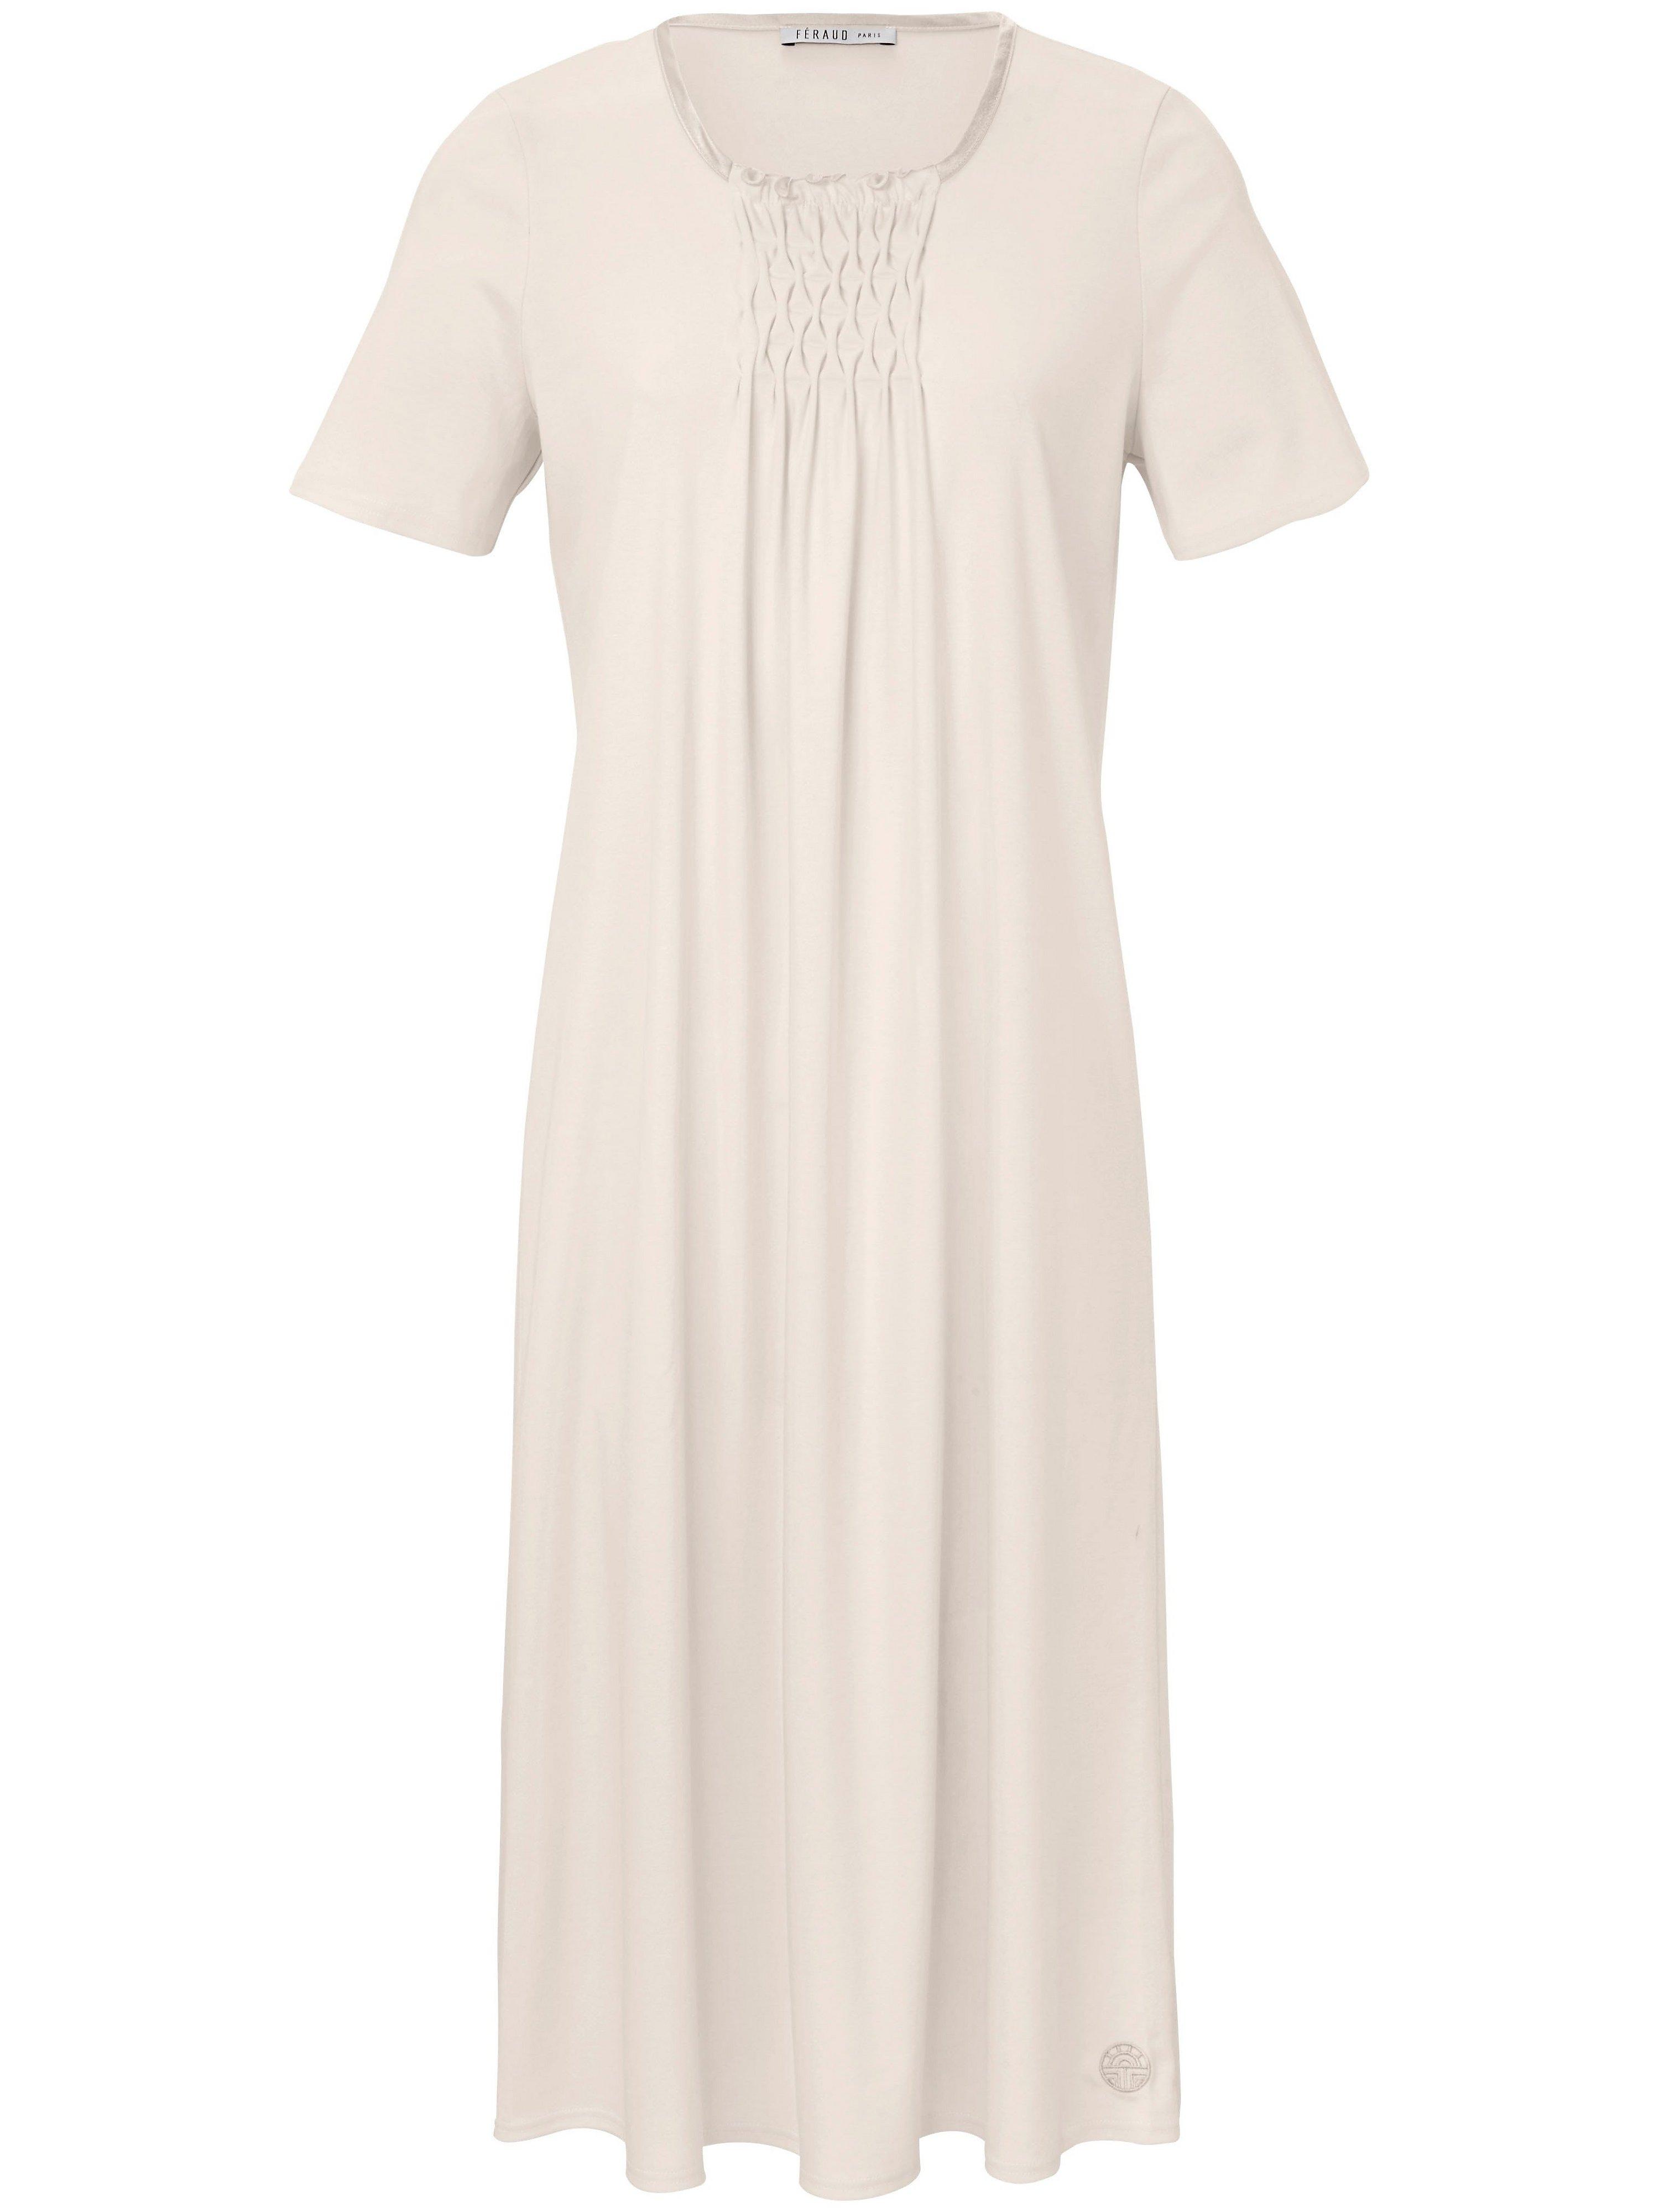 La chemise nuit pur coton, manches courtes  Féraud beige taille 48